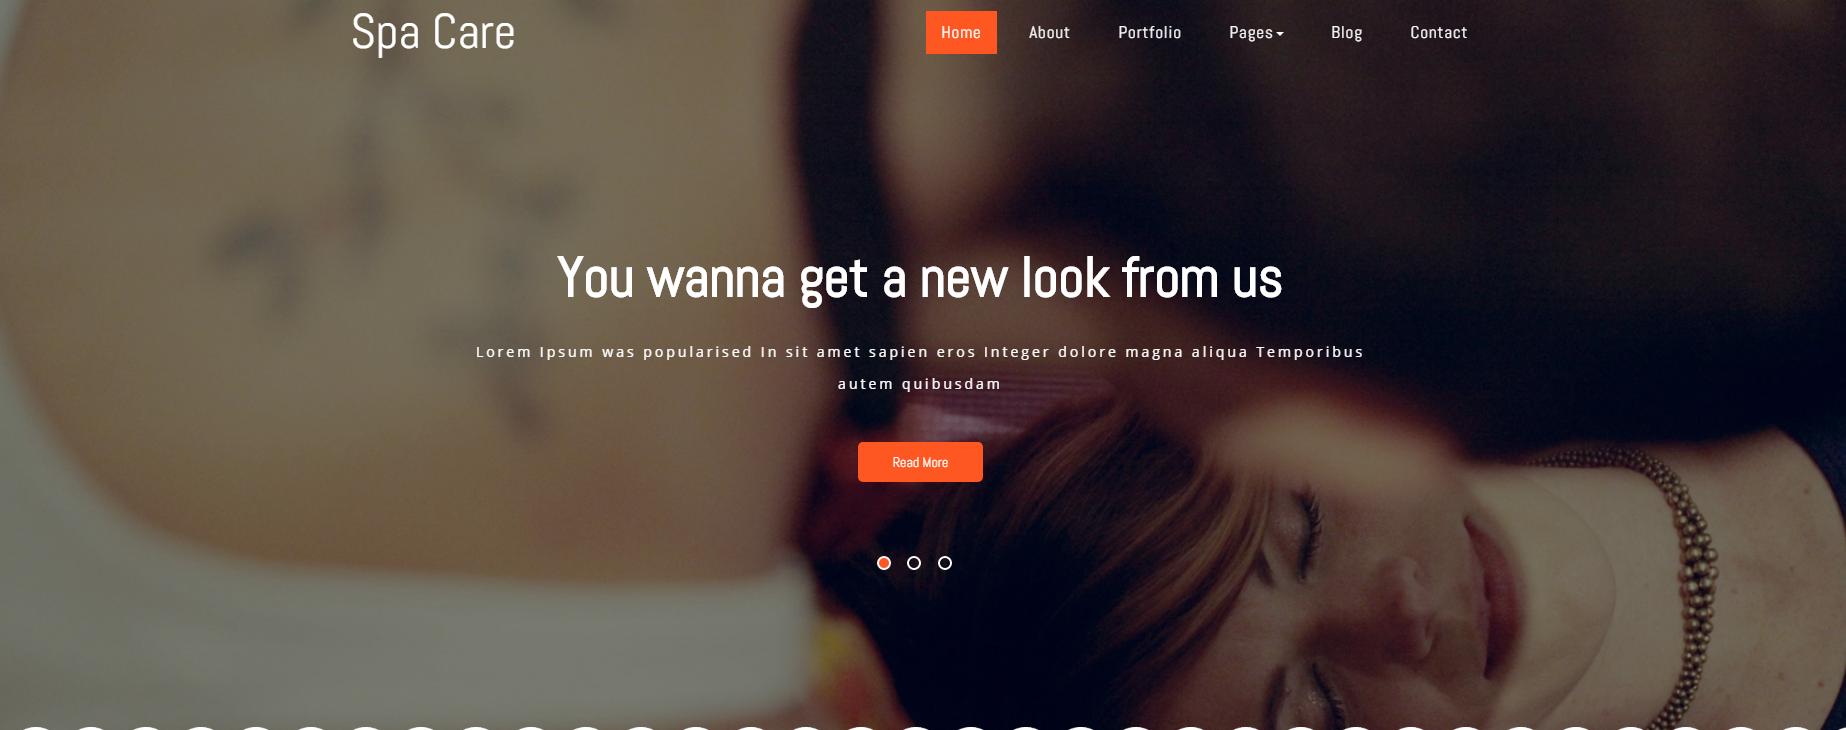 女性美容美甲的网站模板